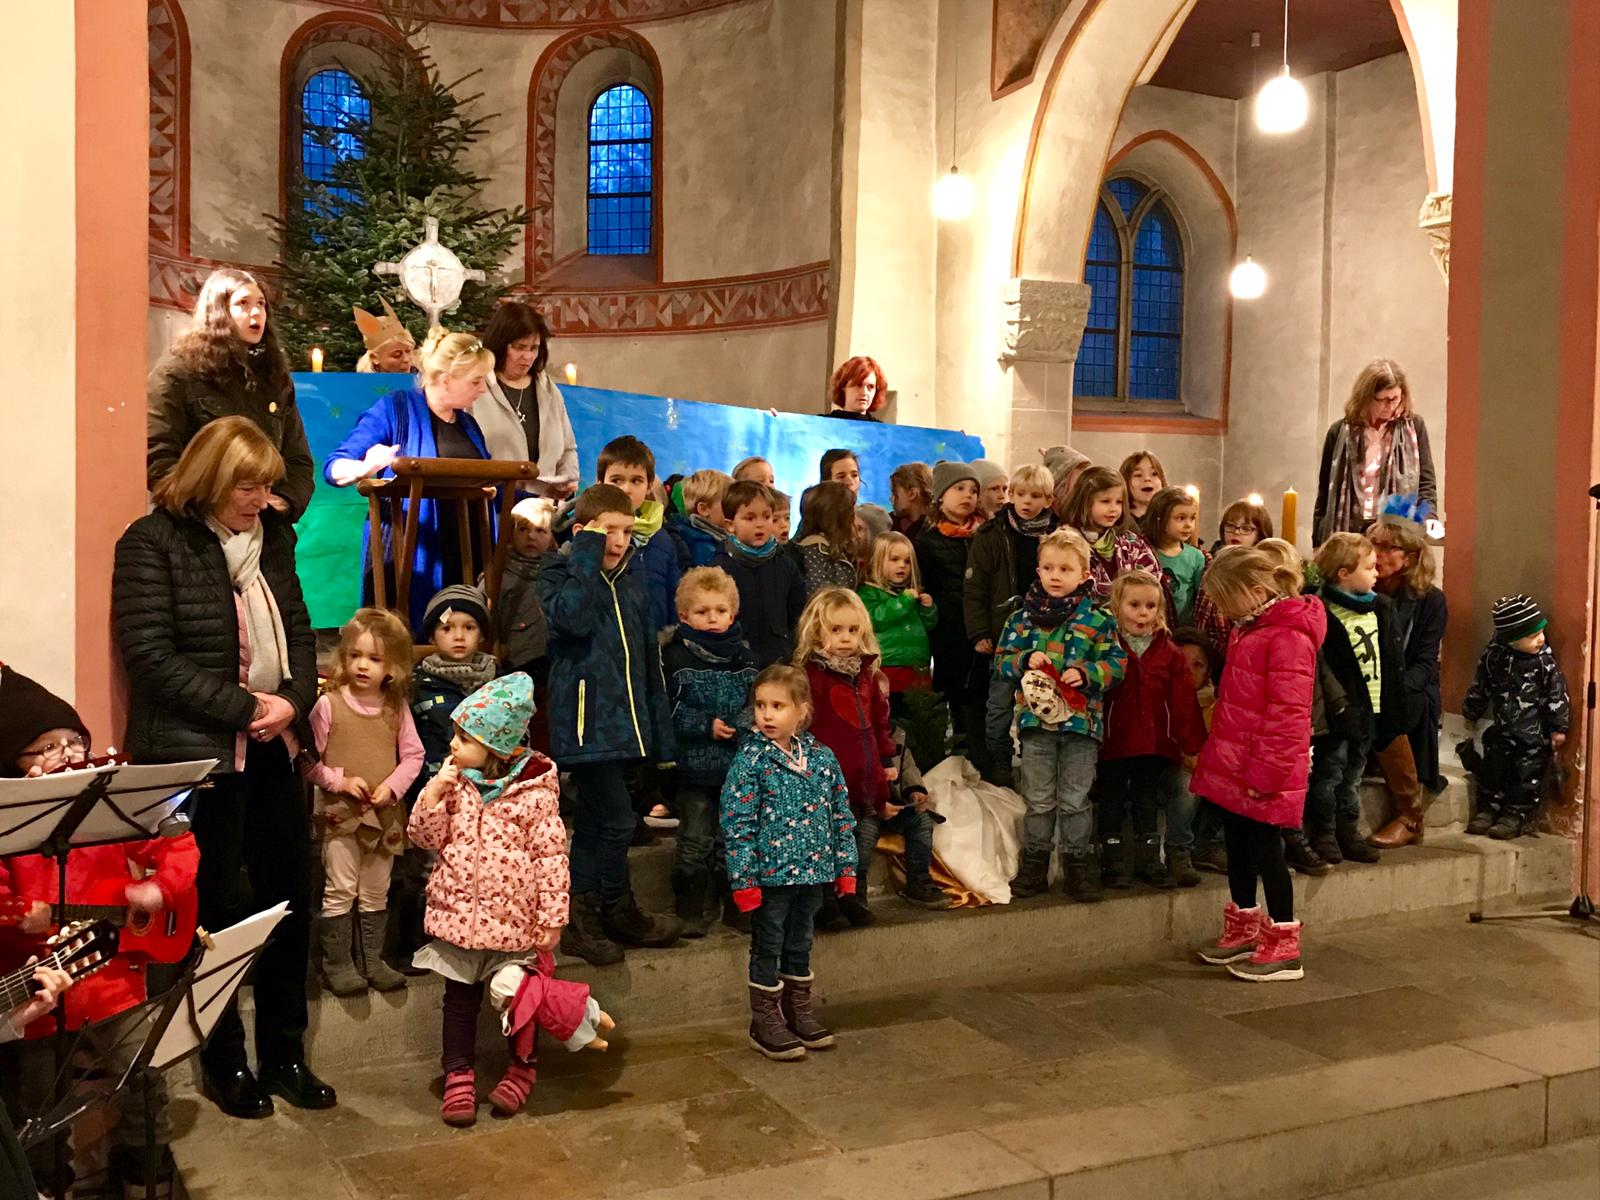 20181219_Luciuskirche_016